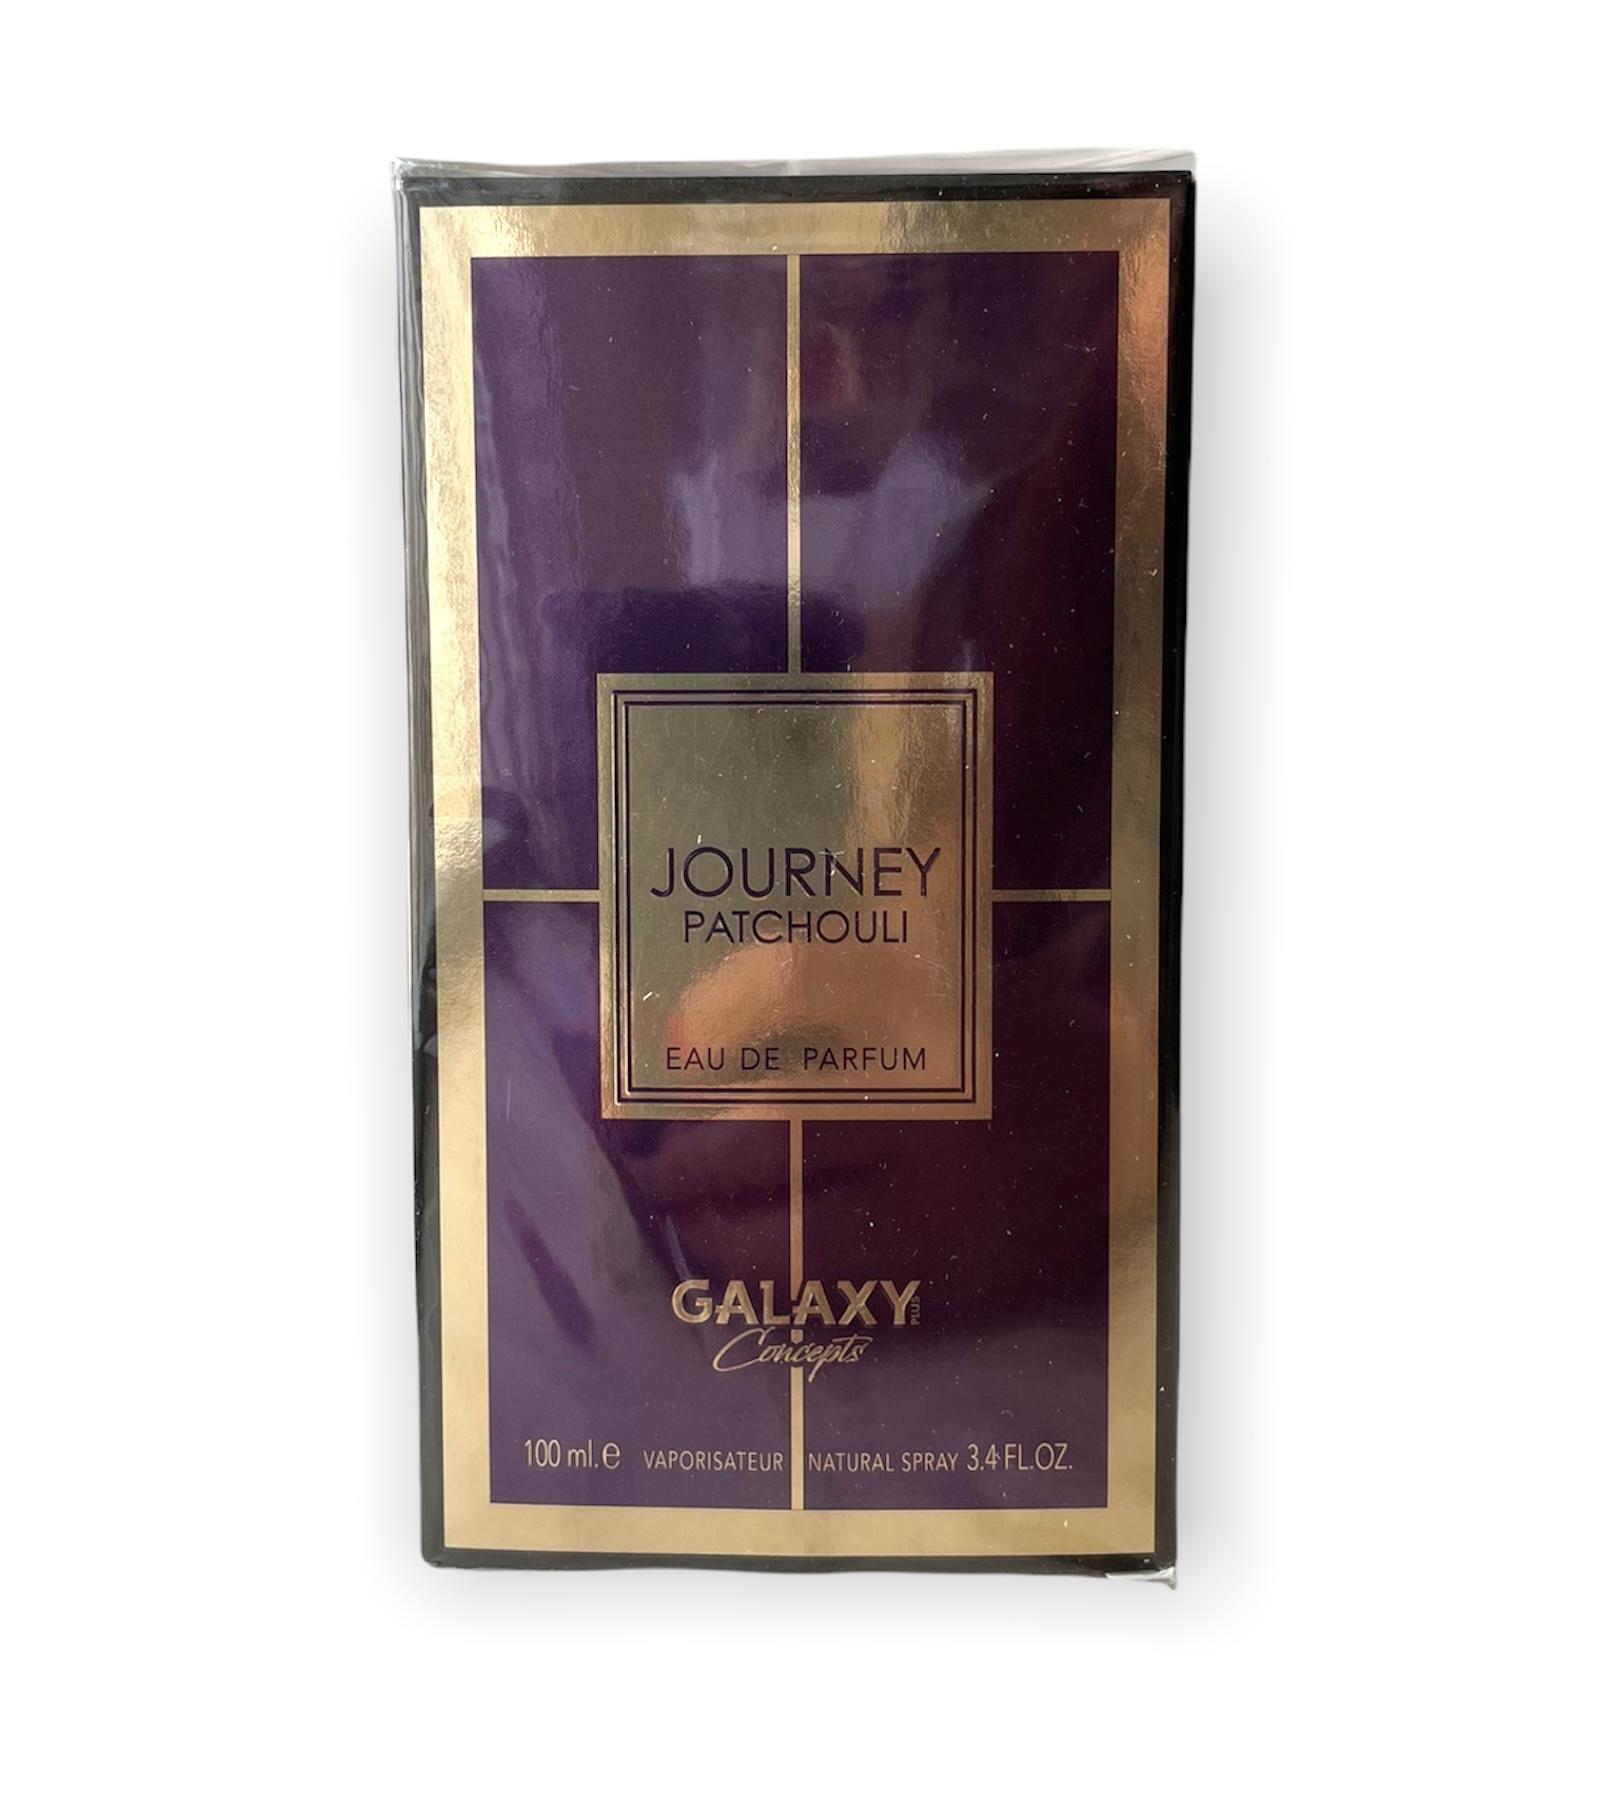 Journey Patchouli Galaxy Concepts Feminino Eau de Parfum 100ml